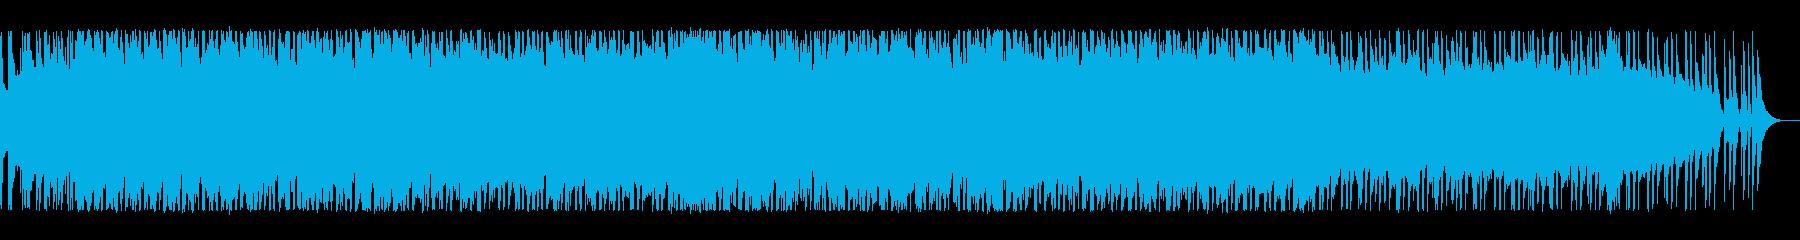 明るく爽やかなブリティッシュロックの再生済みの波形